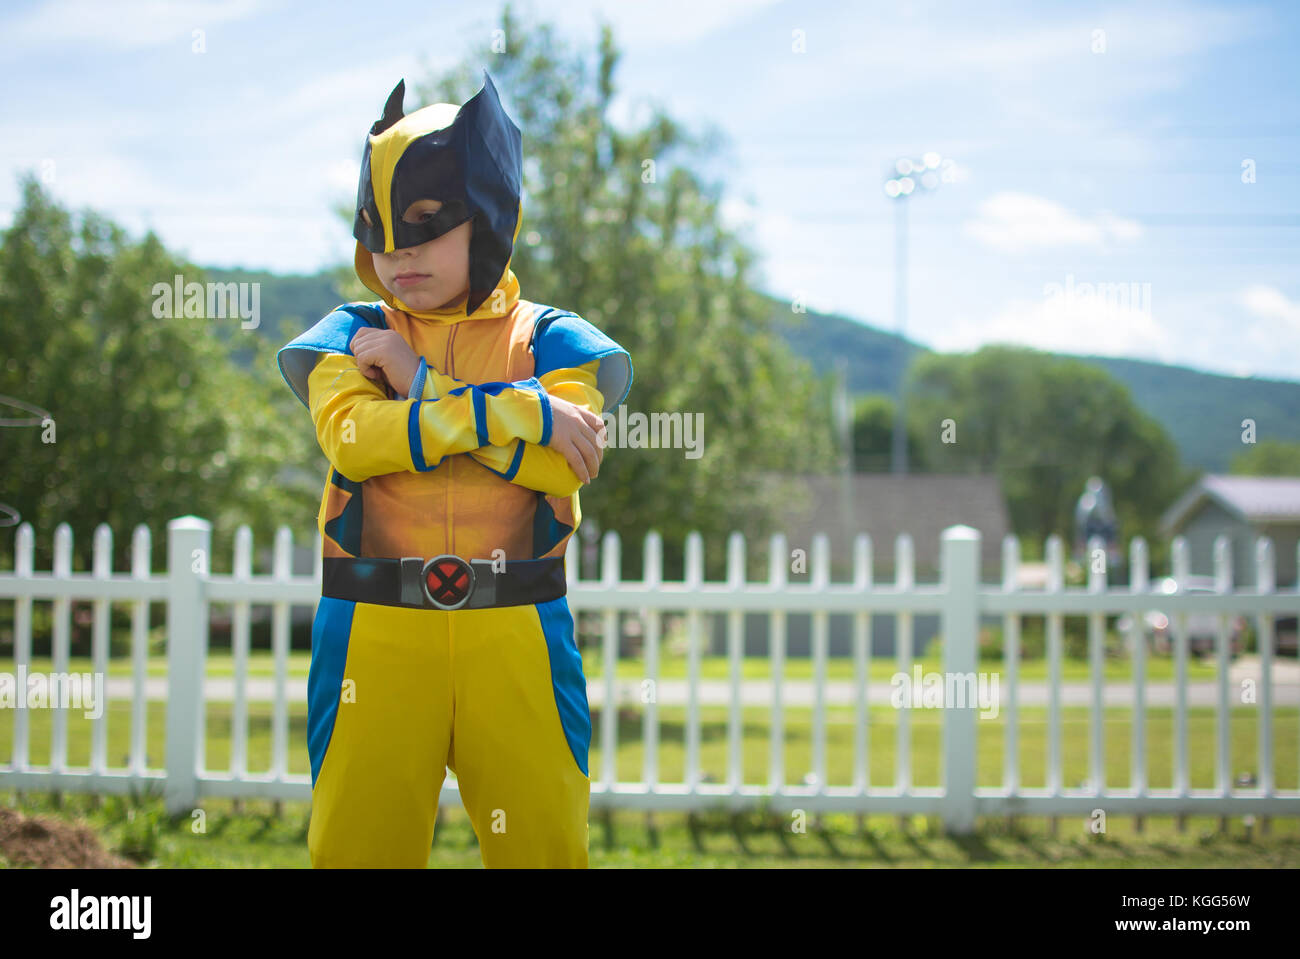 Ein Junge trägt ein Kostüm, außerhalb mit verschränkten Armen Stockbild